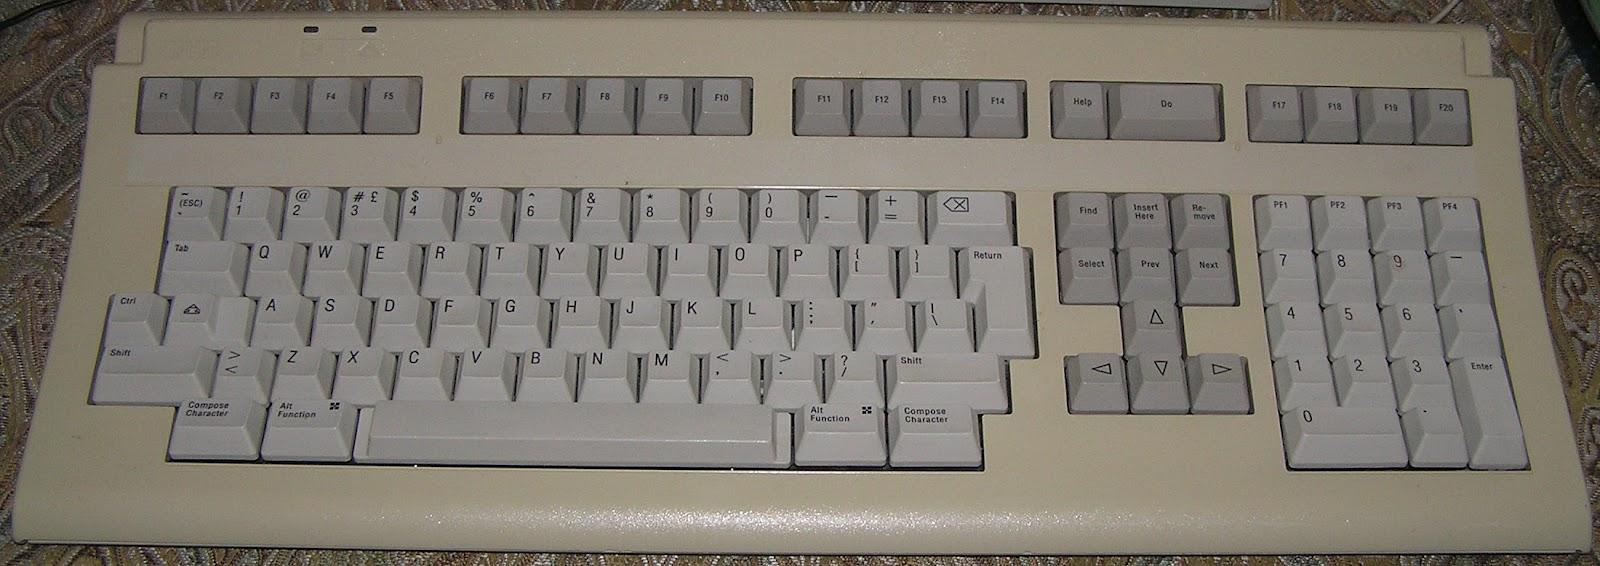 An LK401 keyboard